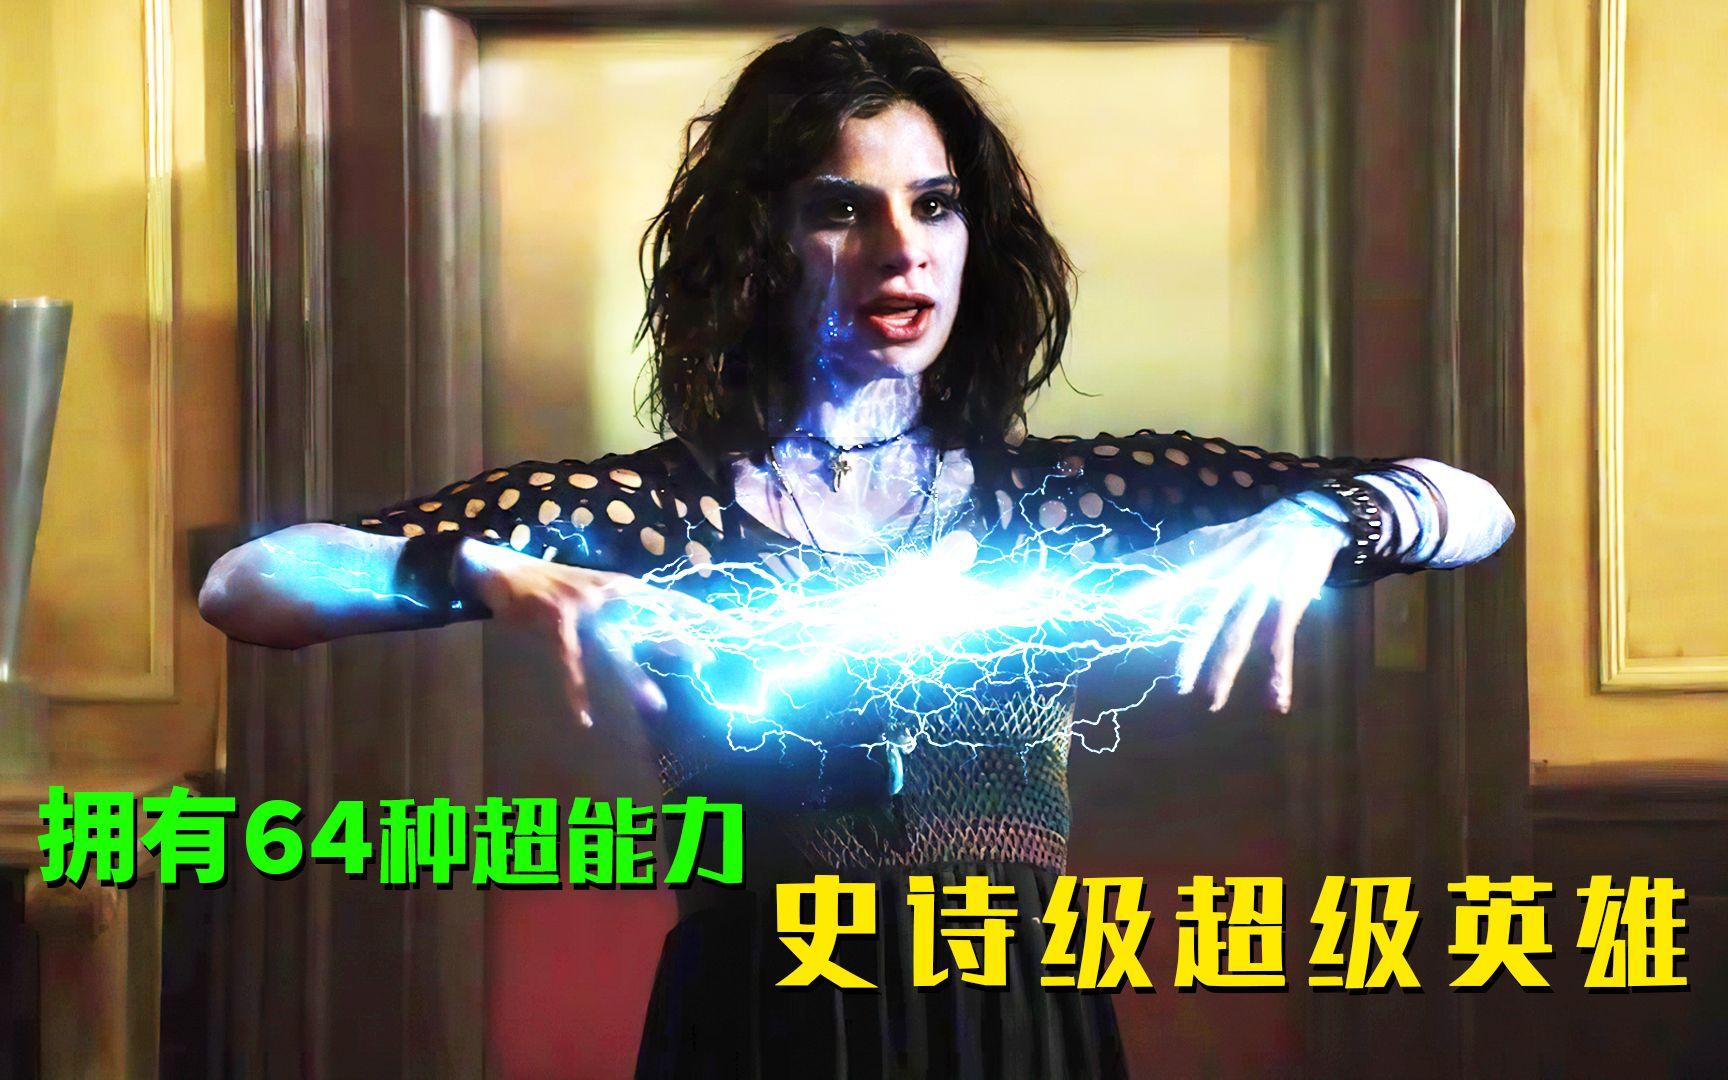 拥有64种超能力的女人,强大到你绝望,狠起来连队友都揍《末日巡逻队第二集》